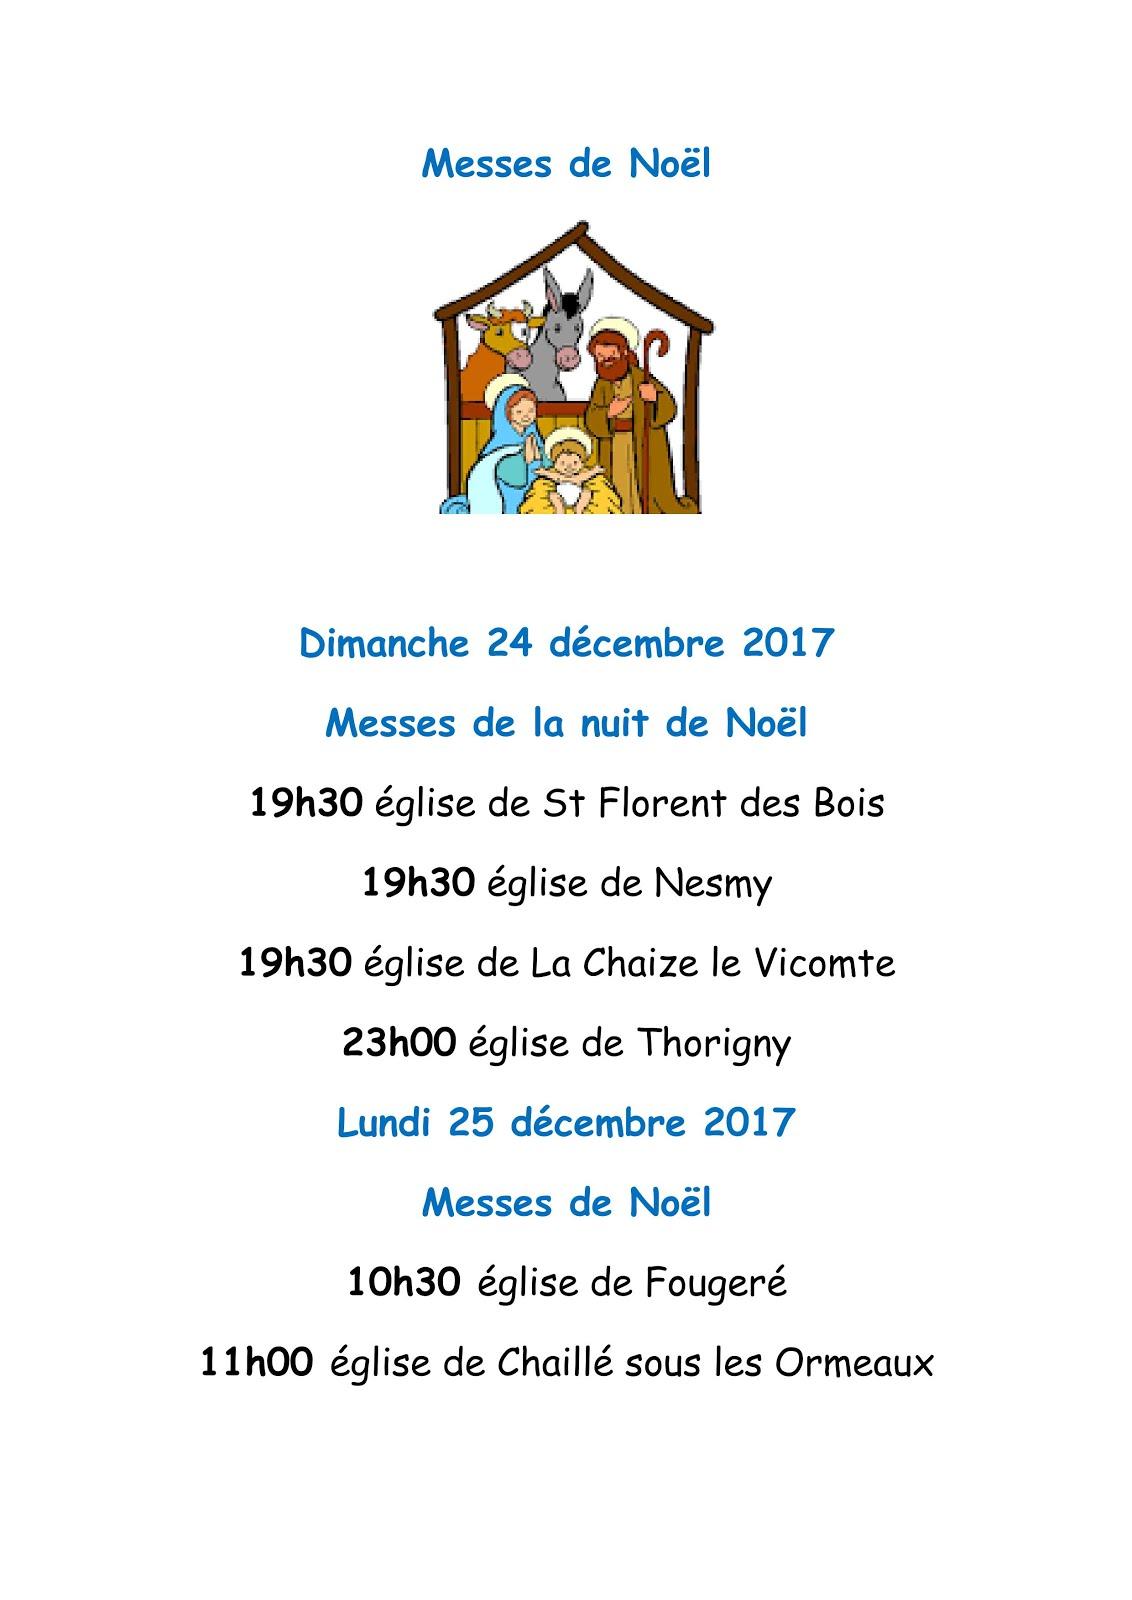 Messes de Noël